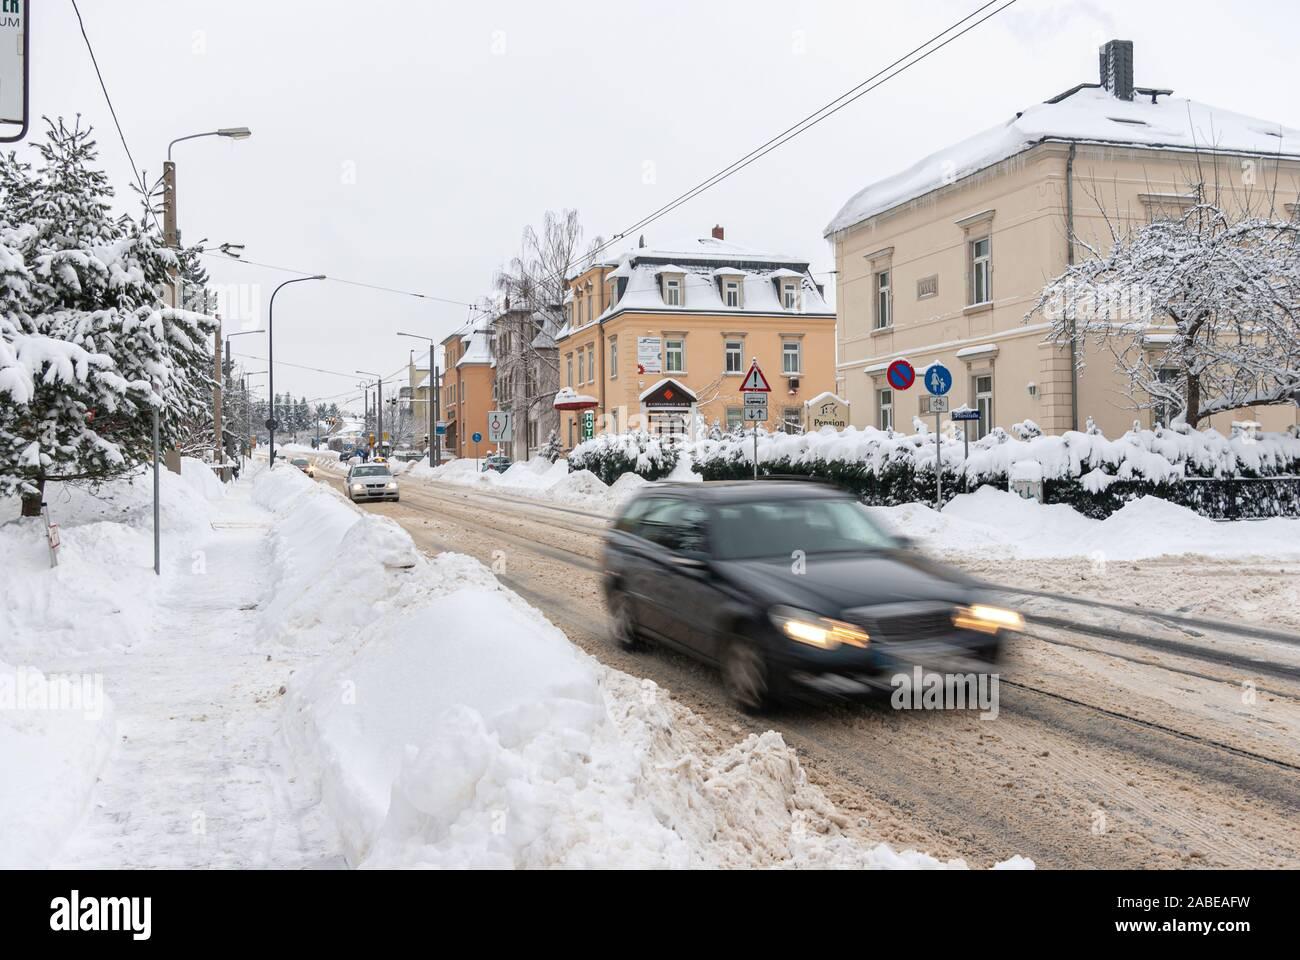 Starke Schneefaelle haben wintereinbruch auch im Dresdner Stadtteil Klotzsche verursacht. Stockfoto